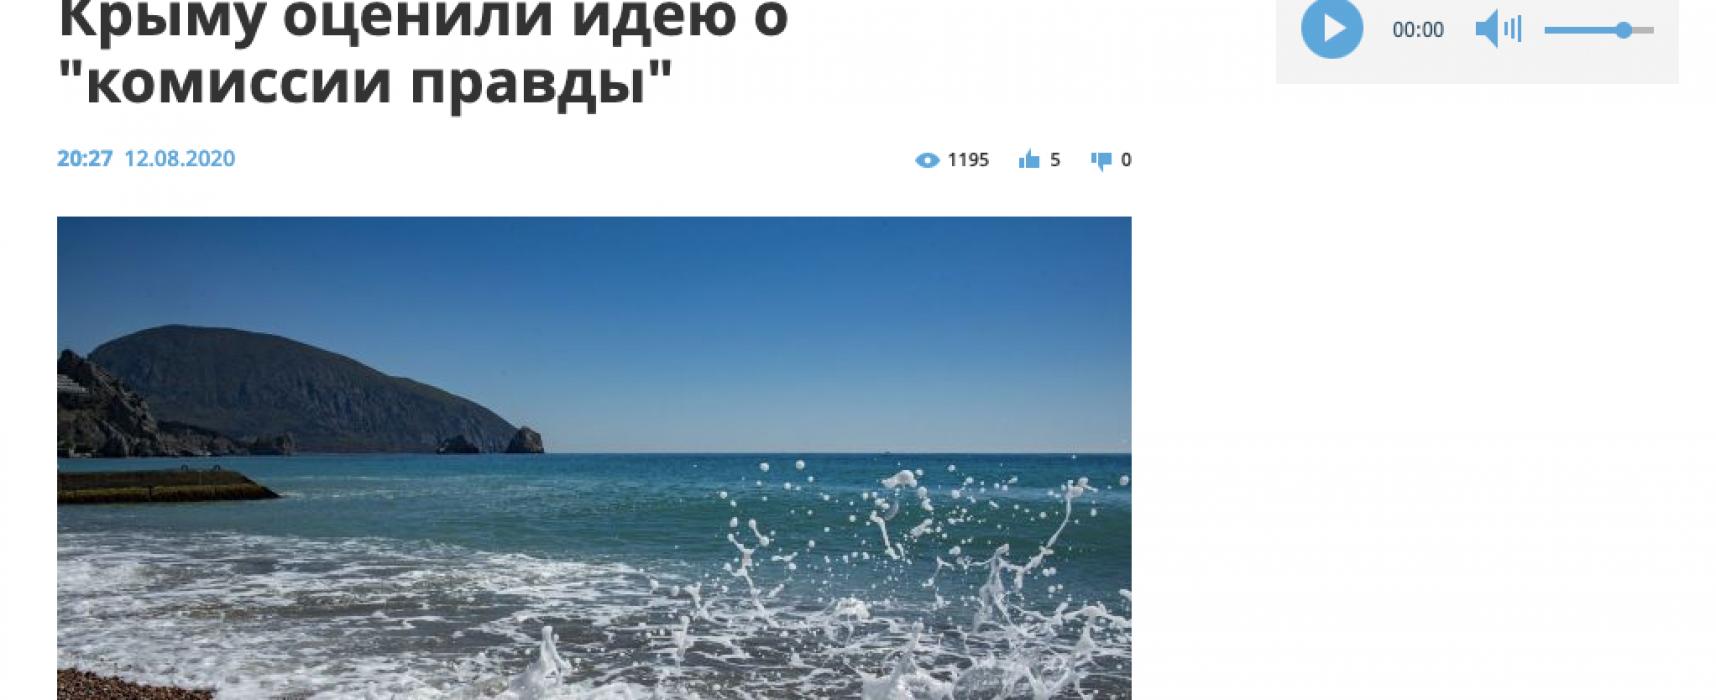 Фейк: Украина создает комиссию «для распродажи крымских земель»